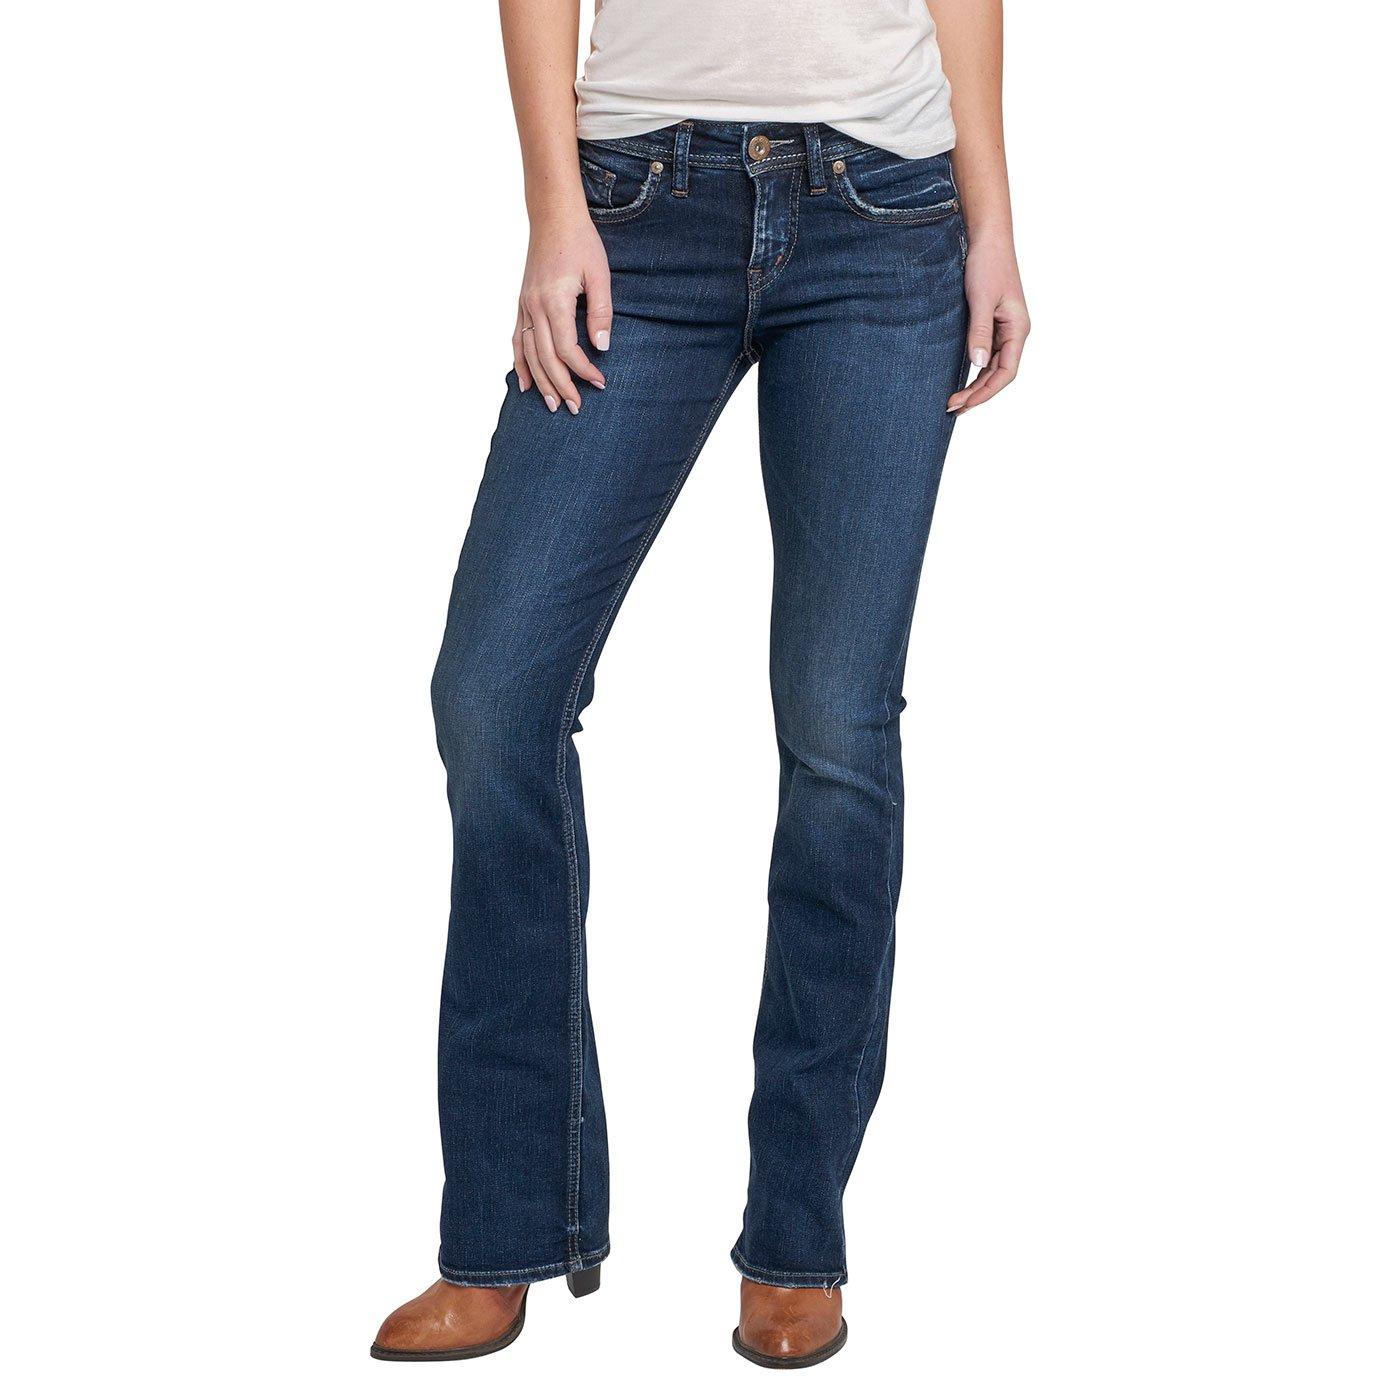 Silver Jeans Co. PANTS レディース B072BQJFSF 29 x 33L Slim|Dark Clean Pocket Dark Clean Pocket 29 x 33L Slim